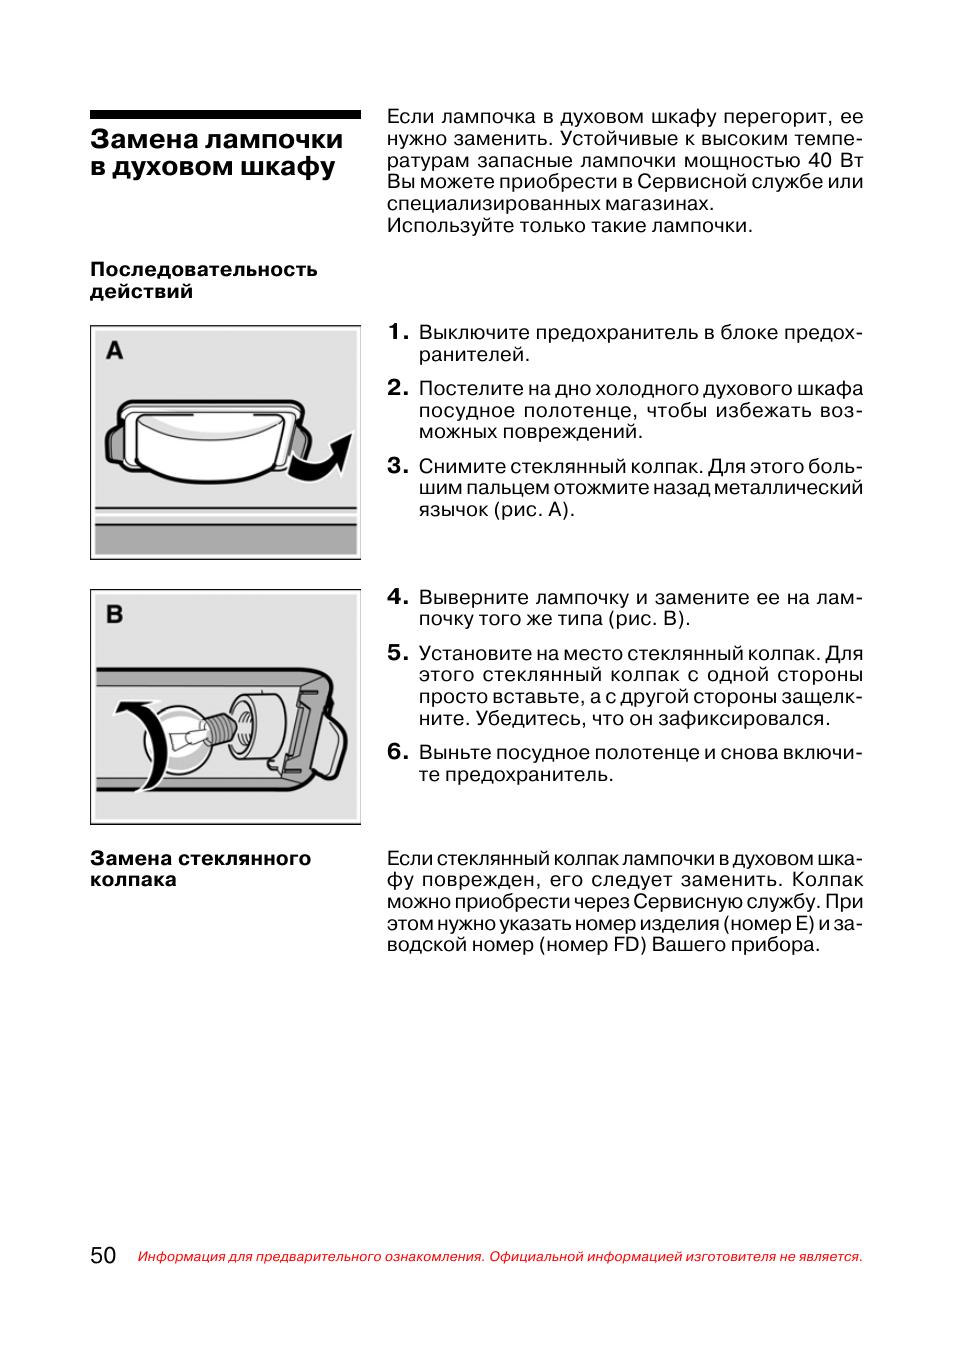 инструкция замена лампы ближнего киа